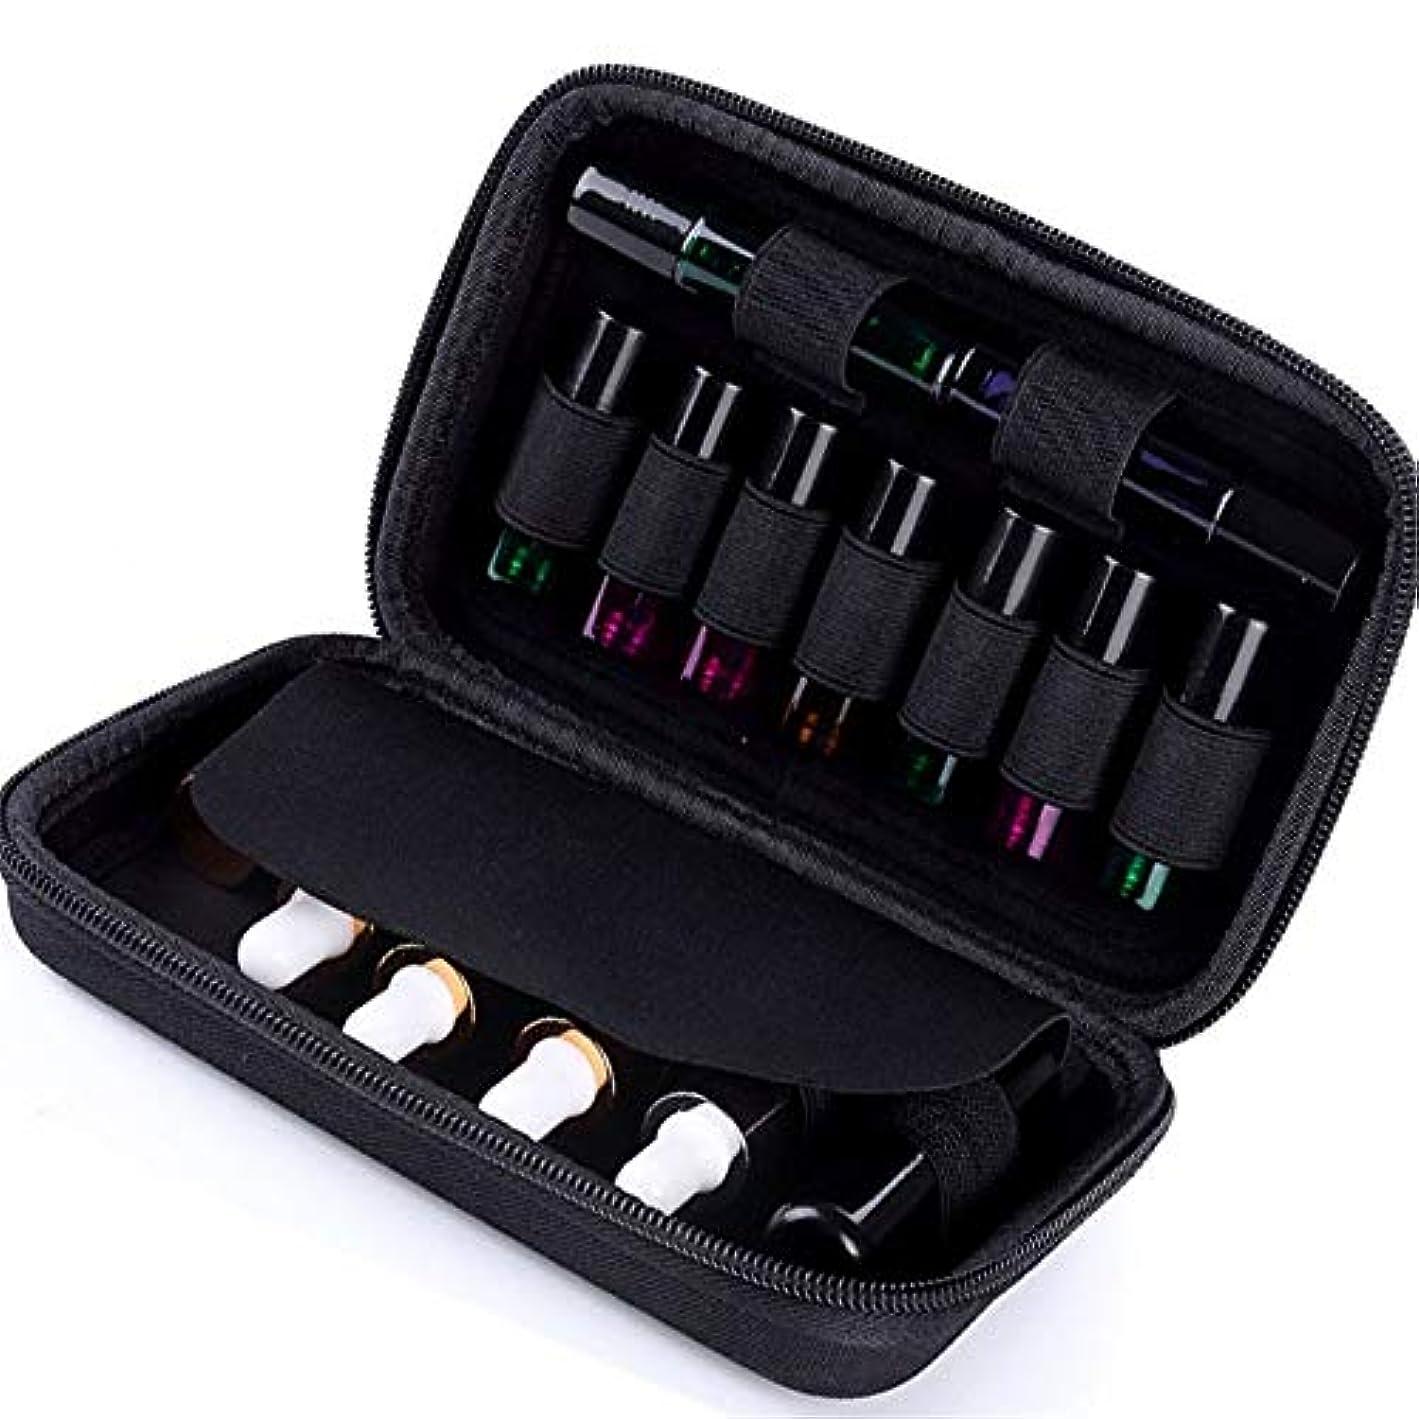 慣らすベギンコンソールエッセンシャルオイルボックス エッセンシャルオイルの15本のボトルレザーケースエッセンシャルオイルの15本のボトル完璧なロールと標準10ミリリットルのボトルは、あなたのベストを披露します アロマセラピー収納ボックス (色 : ブラック, サイズ : 20X13X4.5CM)